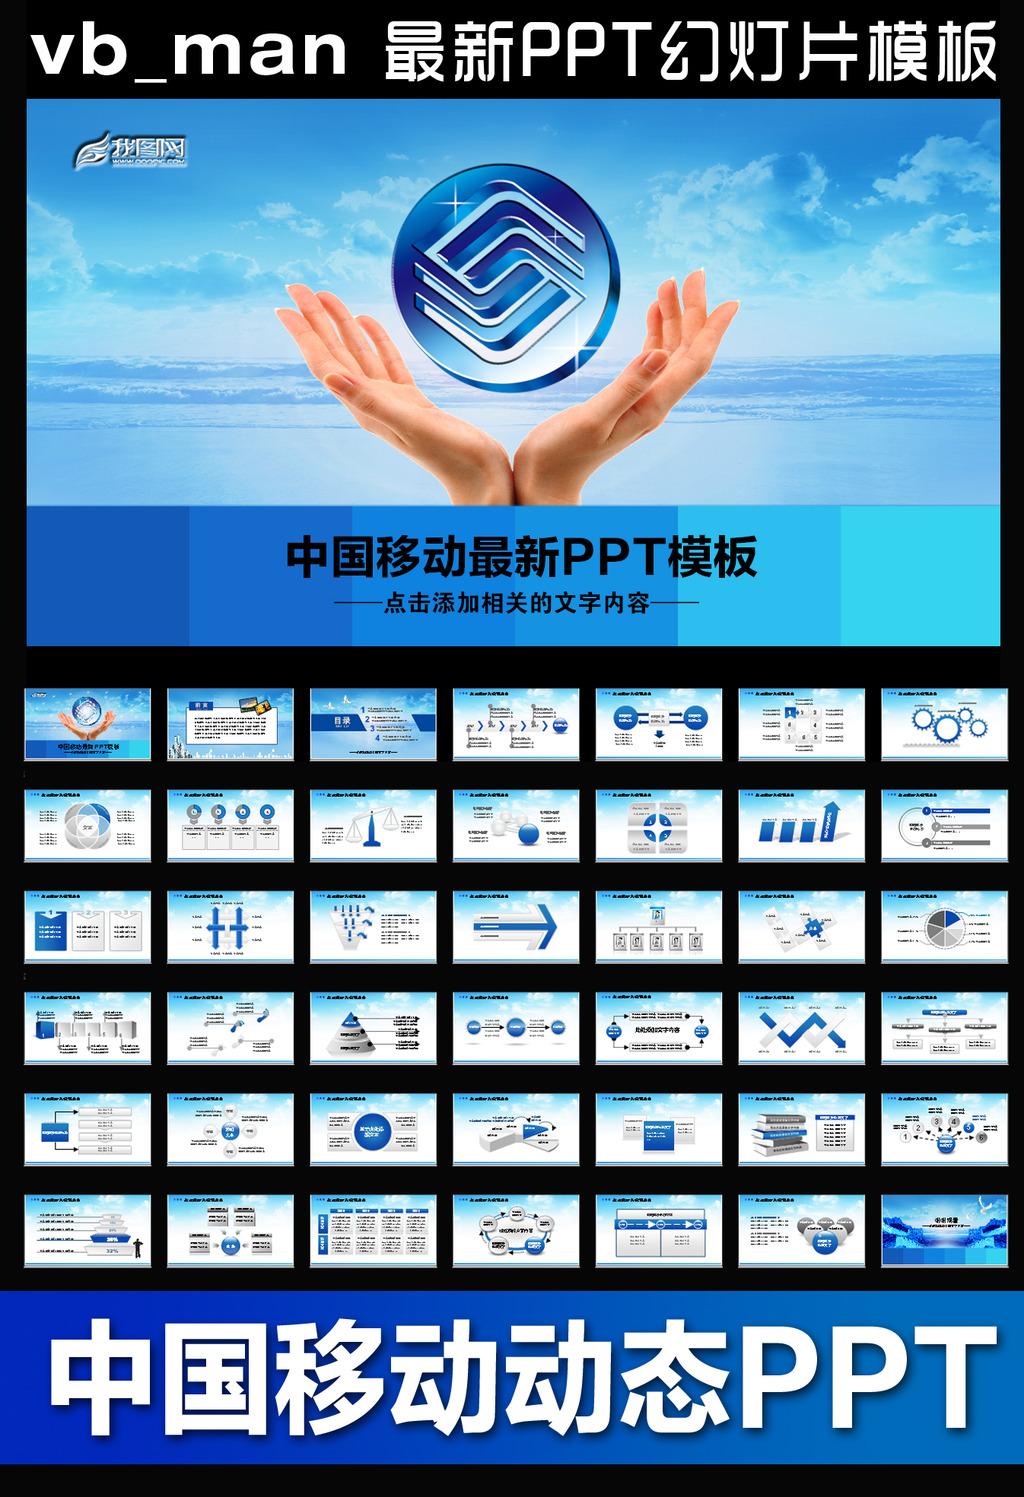 中国移动通信4g网络手机动态ppt模板模板下载(图片:)